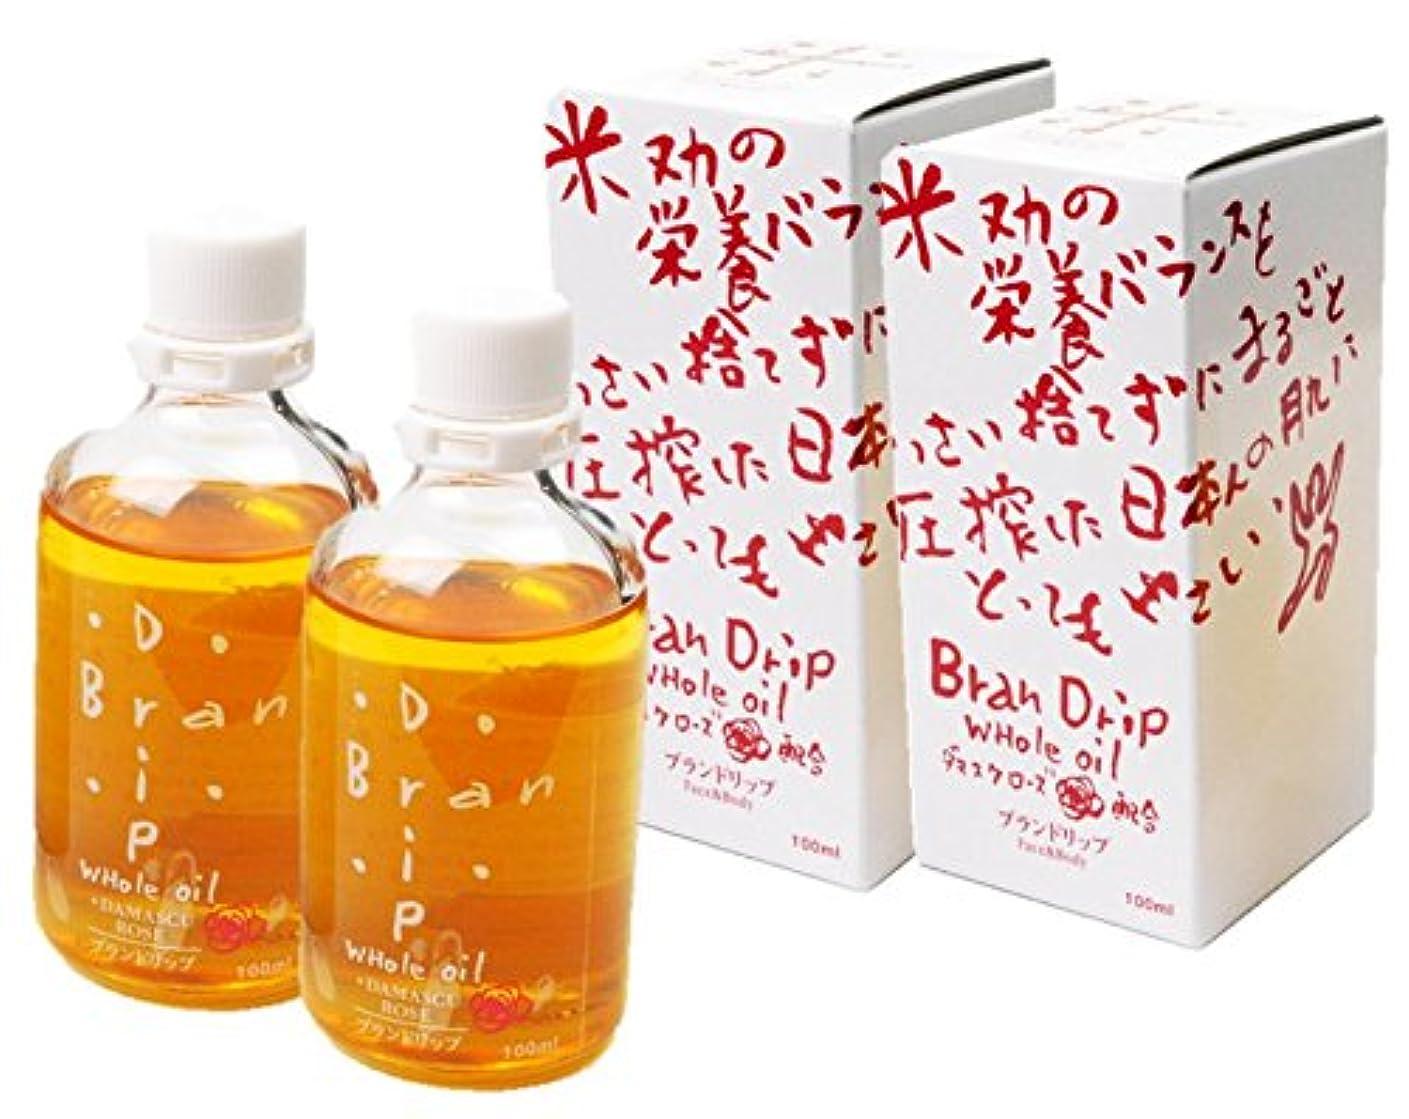 フェデレーション洪水逆説【2本セット】 ブランドリップ BranDrip 食べても安心、米ぬかホールスキンオイル